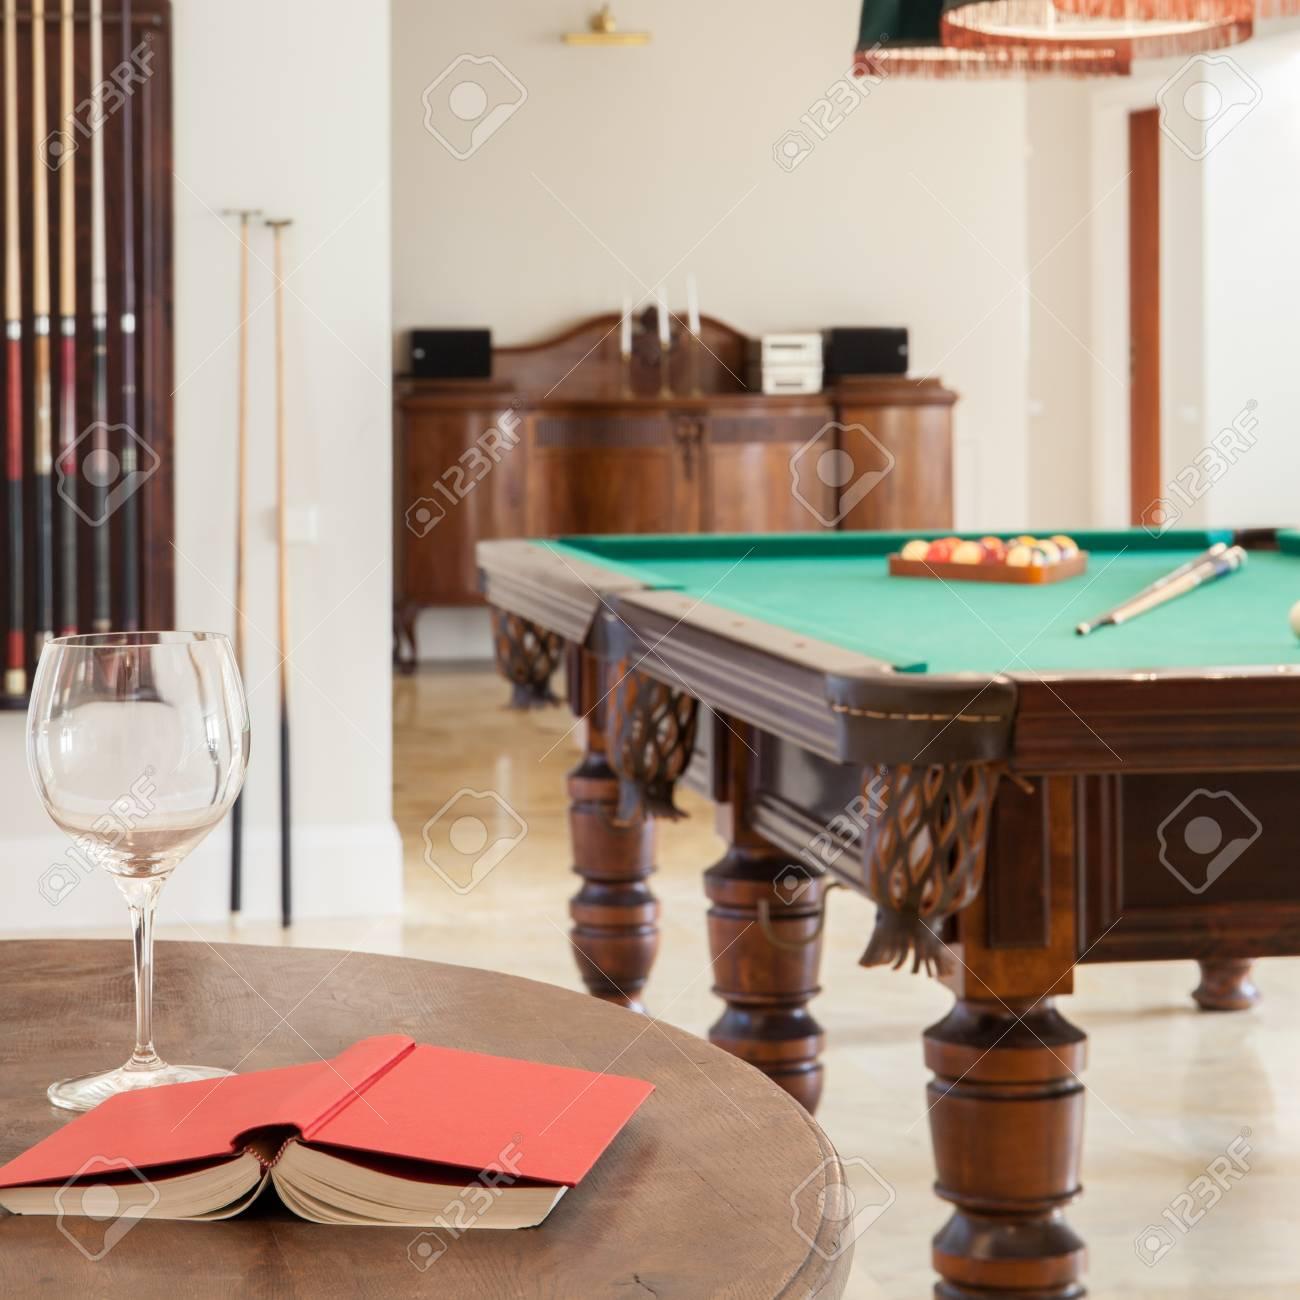 Tavoli Da Biliardo Per Casa.Veduta Di Interni Casa Con Tavolo Da Biliardo